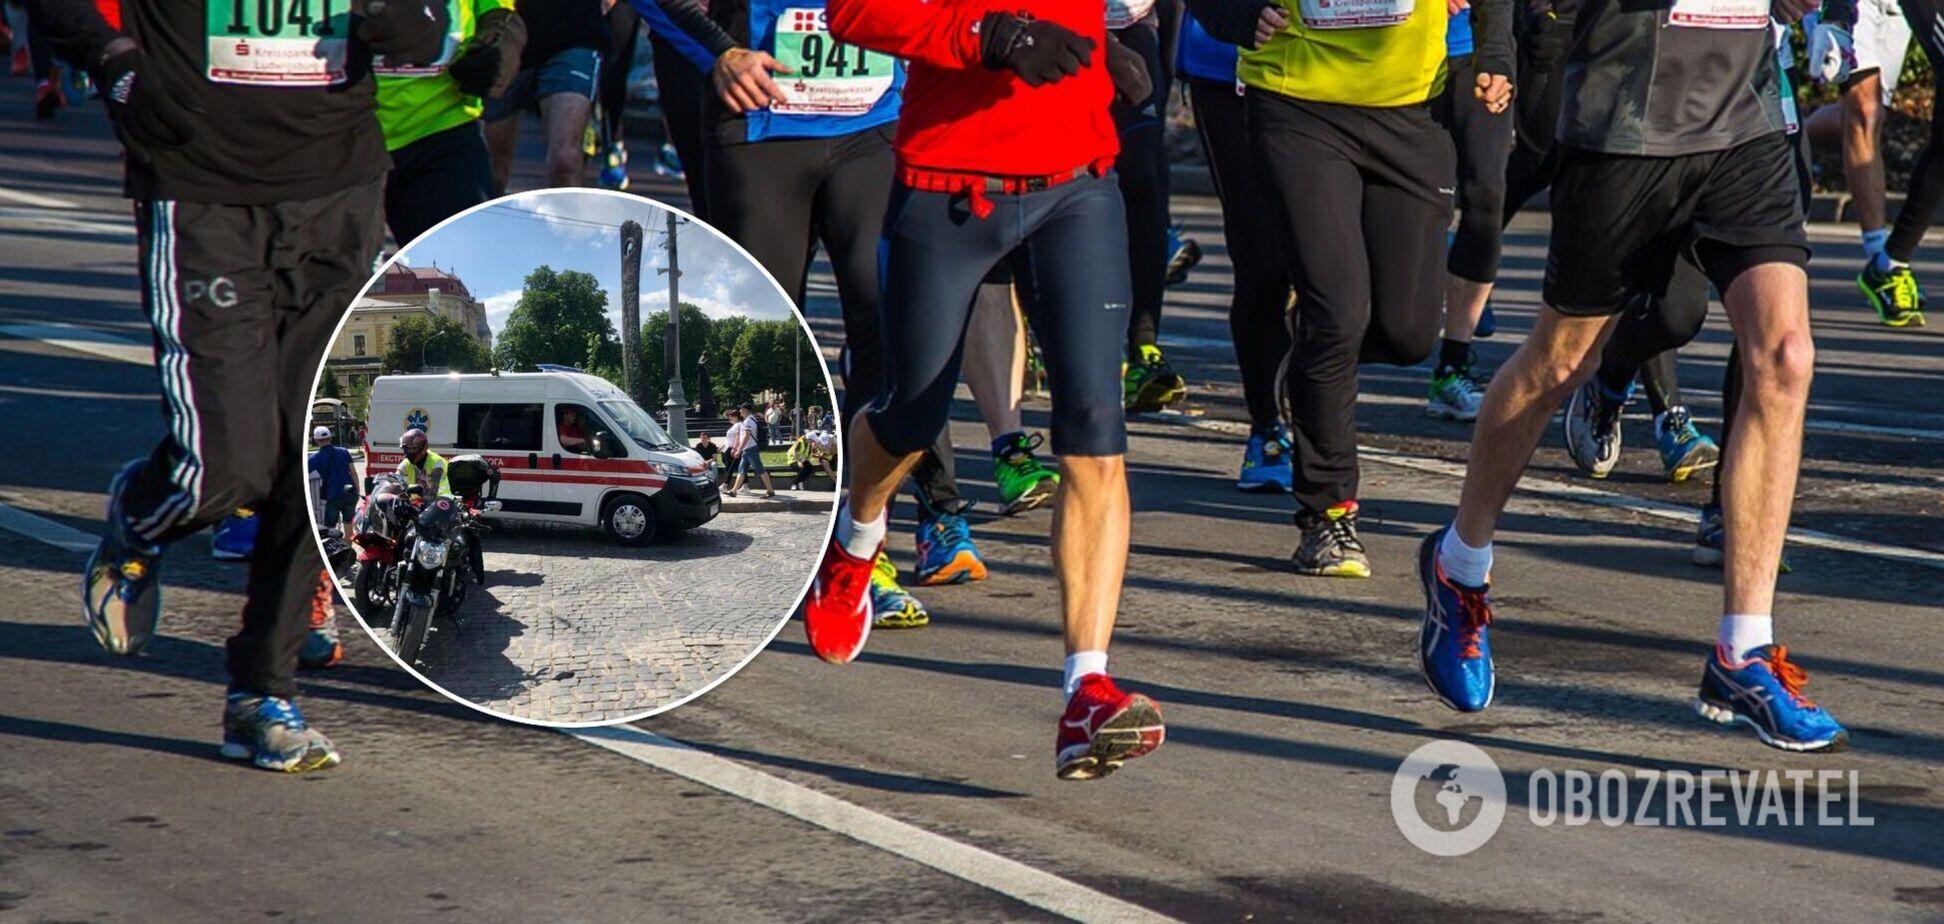 Во Львове во время марафона умер 23-летний парень, его пытались реанимировать больше часа